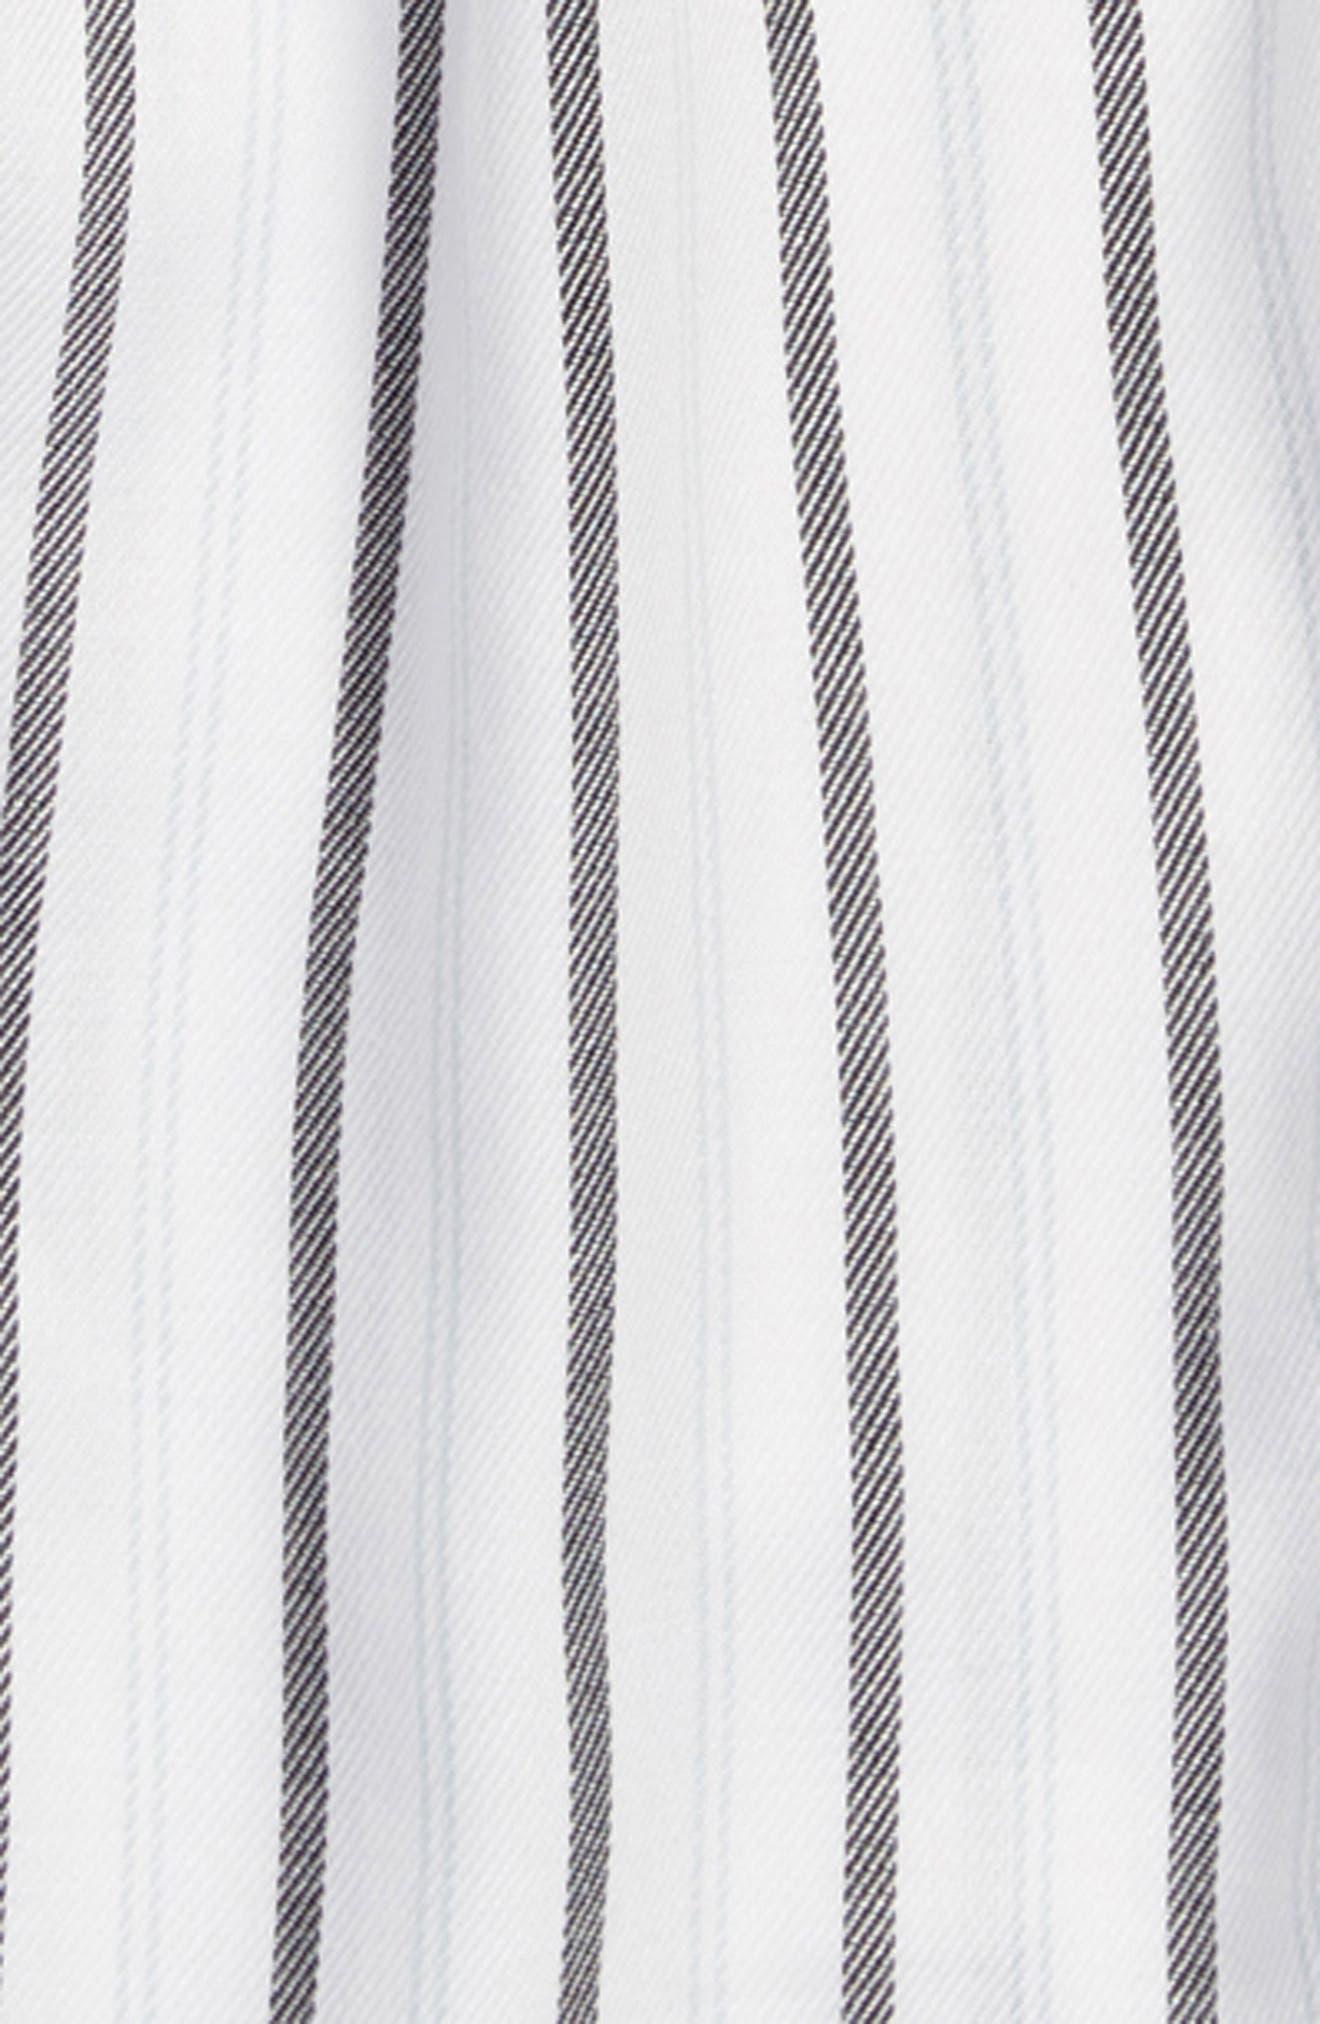 Cold Shoulder Jumpsuit,                             Alternate thumbnail 2, color,                             White/ Black